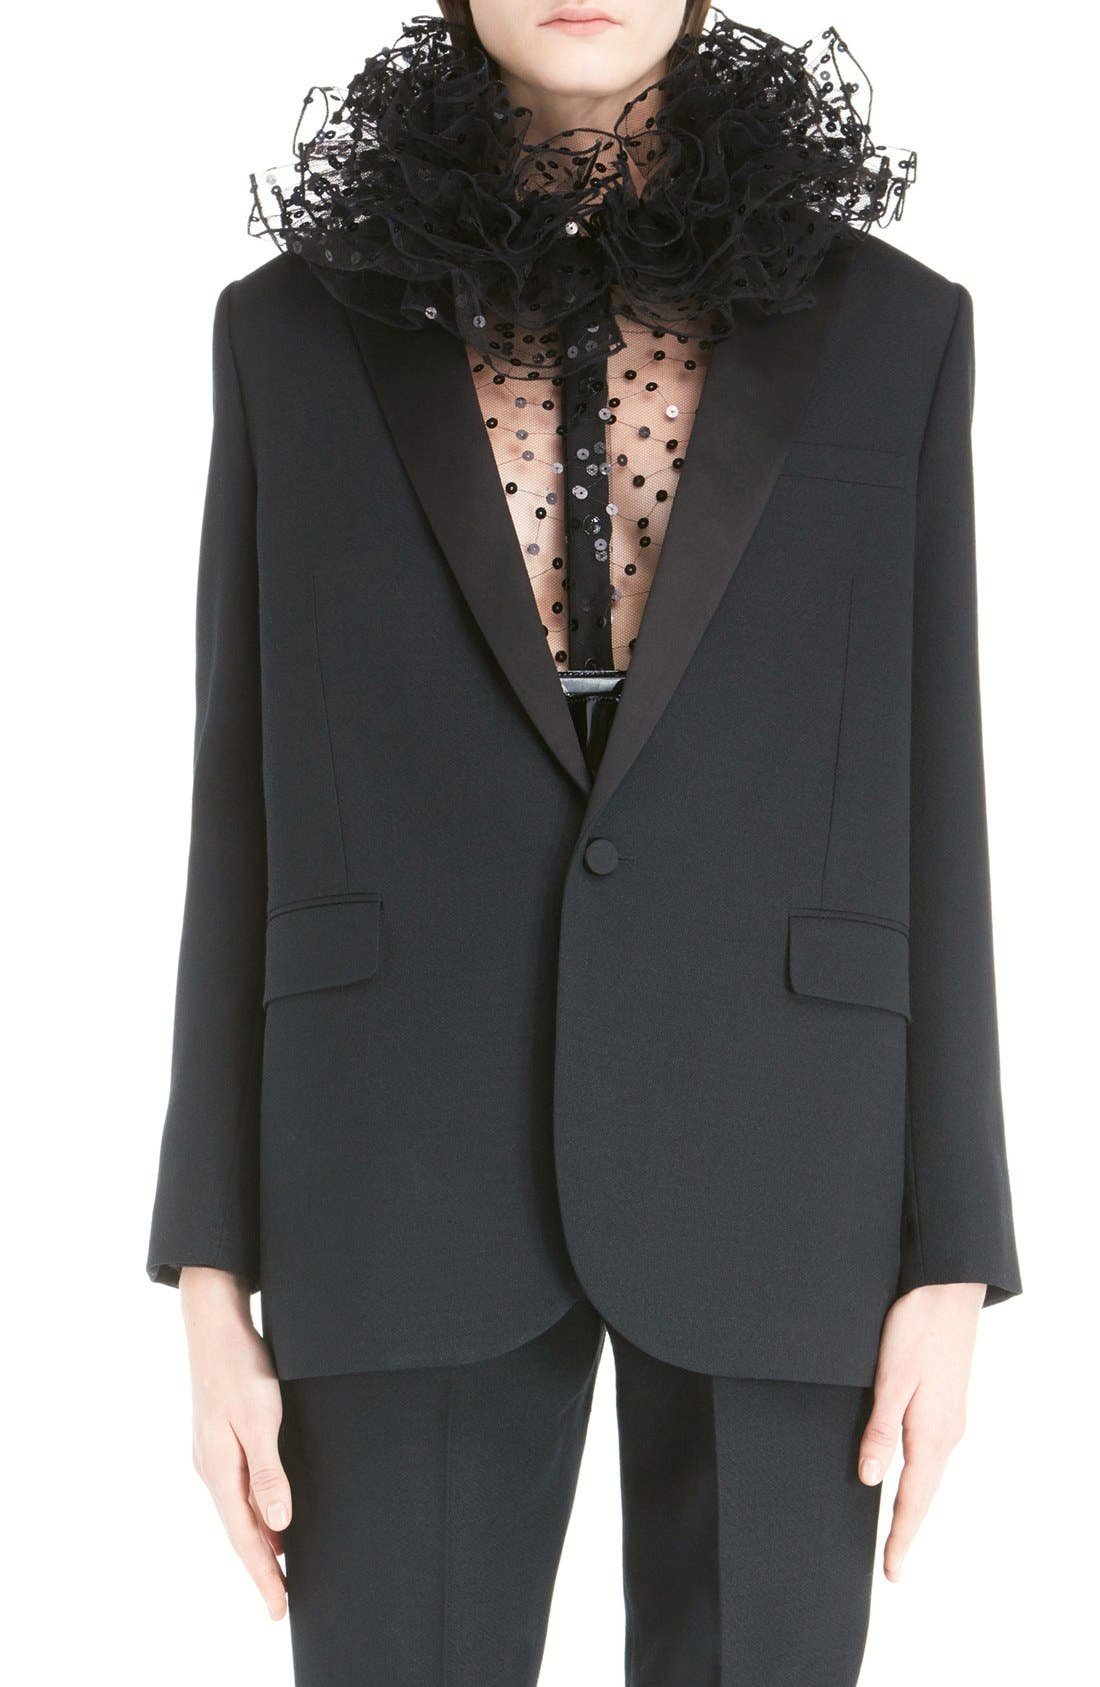 Main Image - Saint Laurent One-Button Tuxedo Jacket